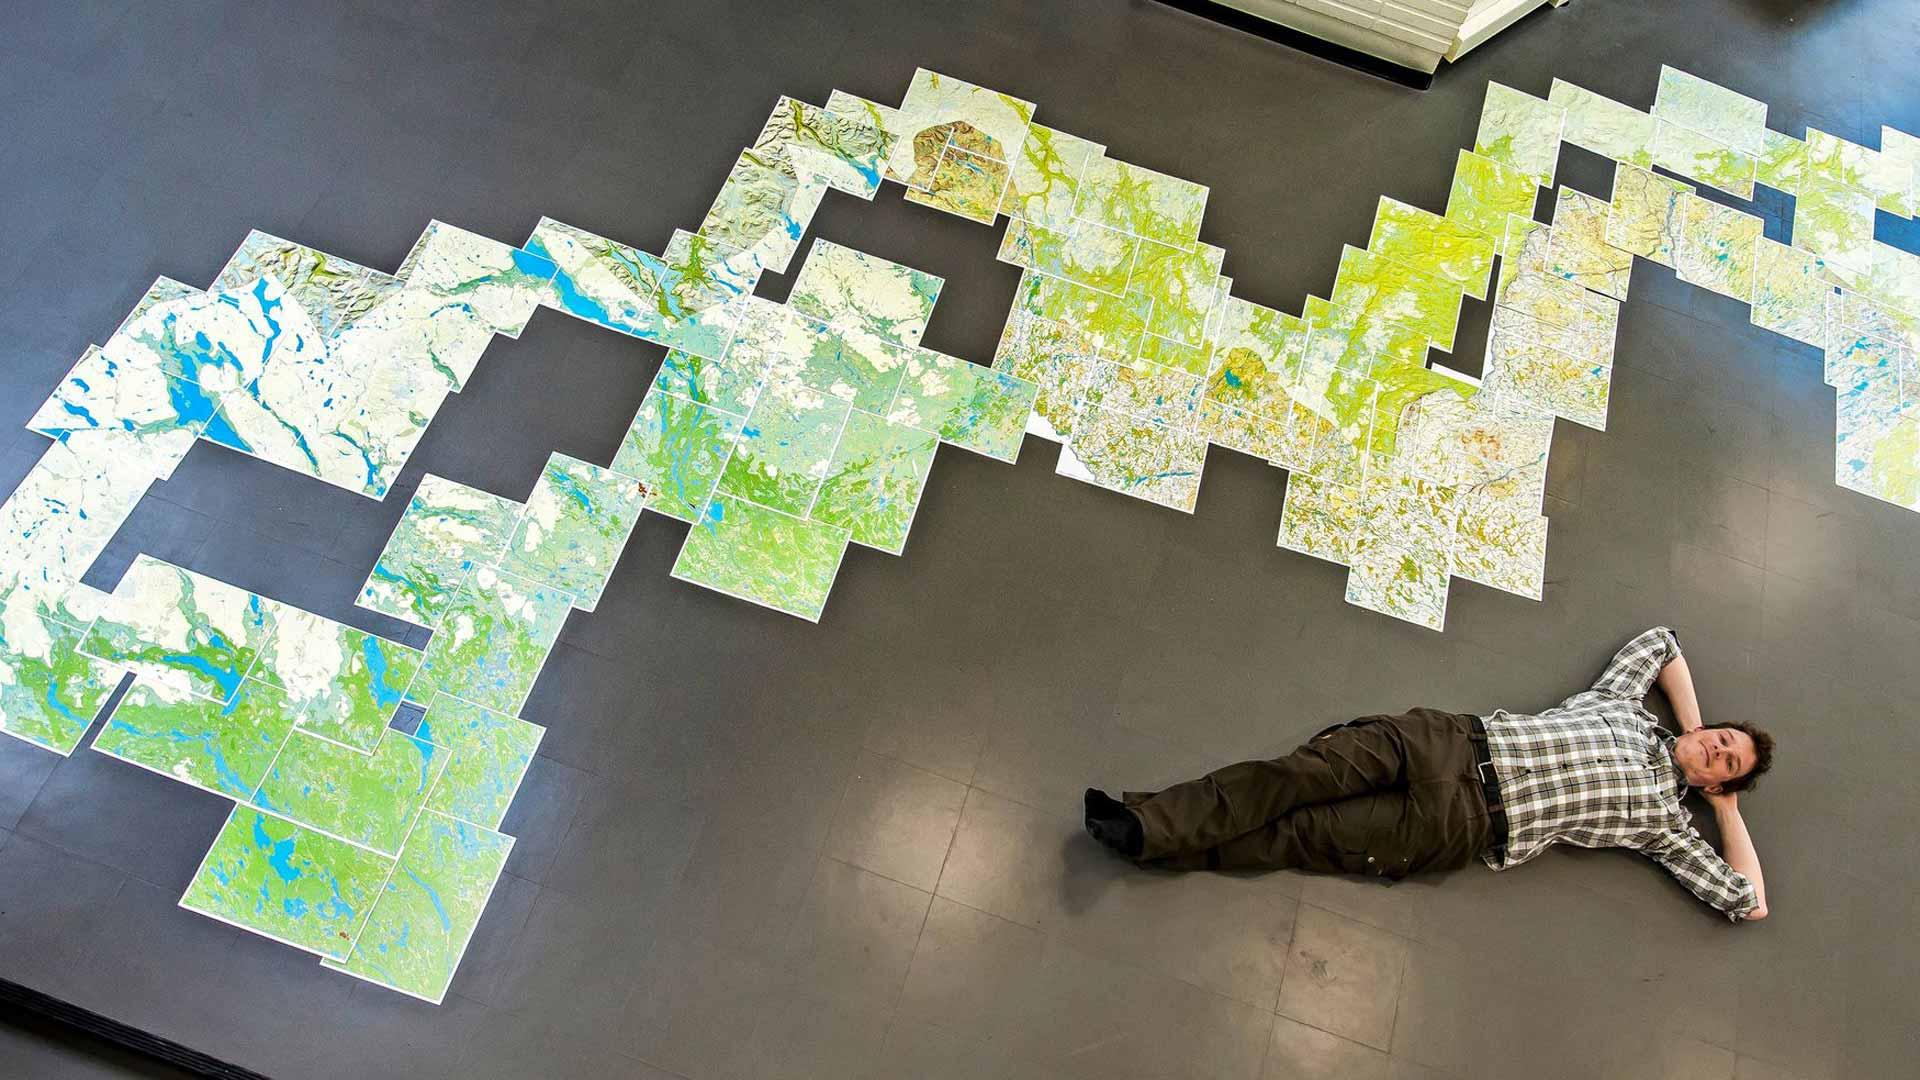 Erno Saukko käveli vaelluksellaan 2500 kilometriä ja suunnisti kartan ja kompassin avulla. A3-kokoisia karttoja tarvittiin 93 kappaletta.